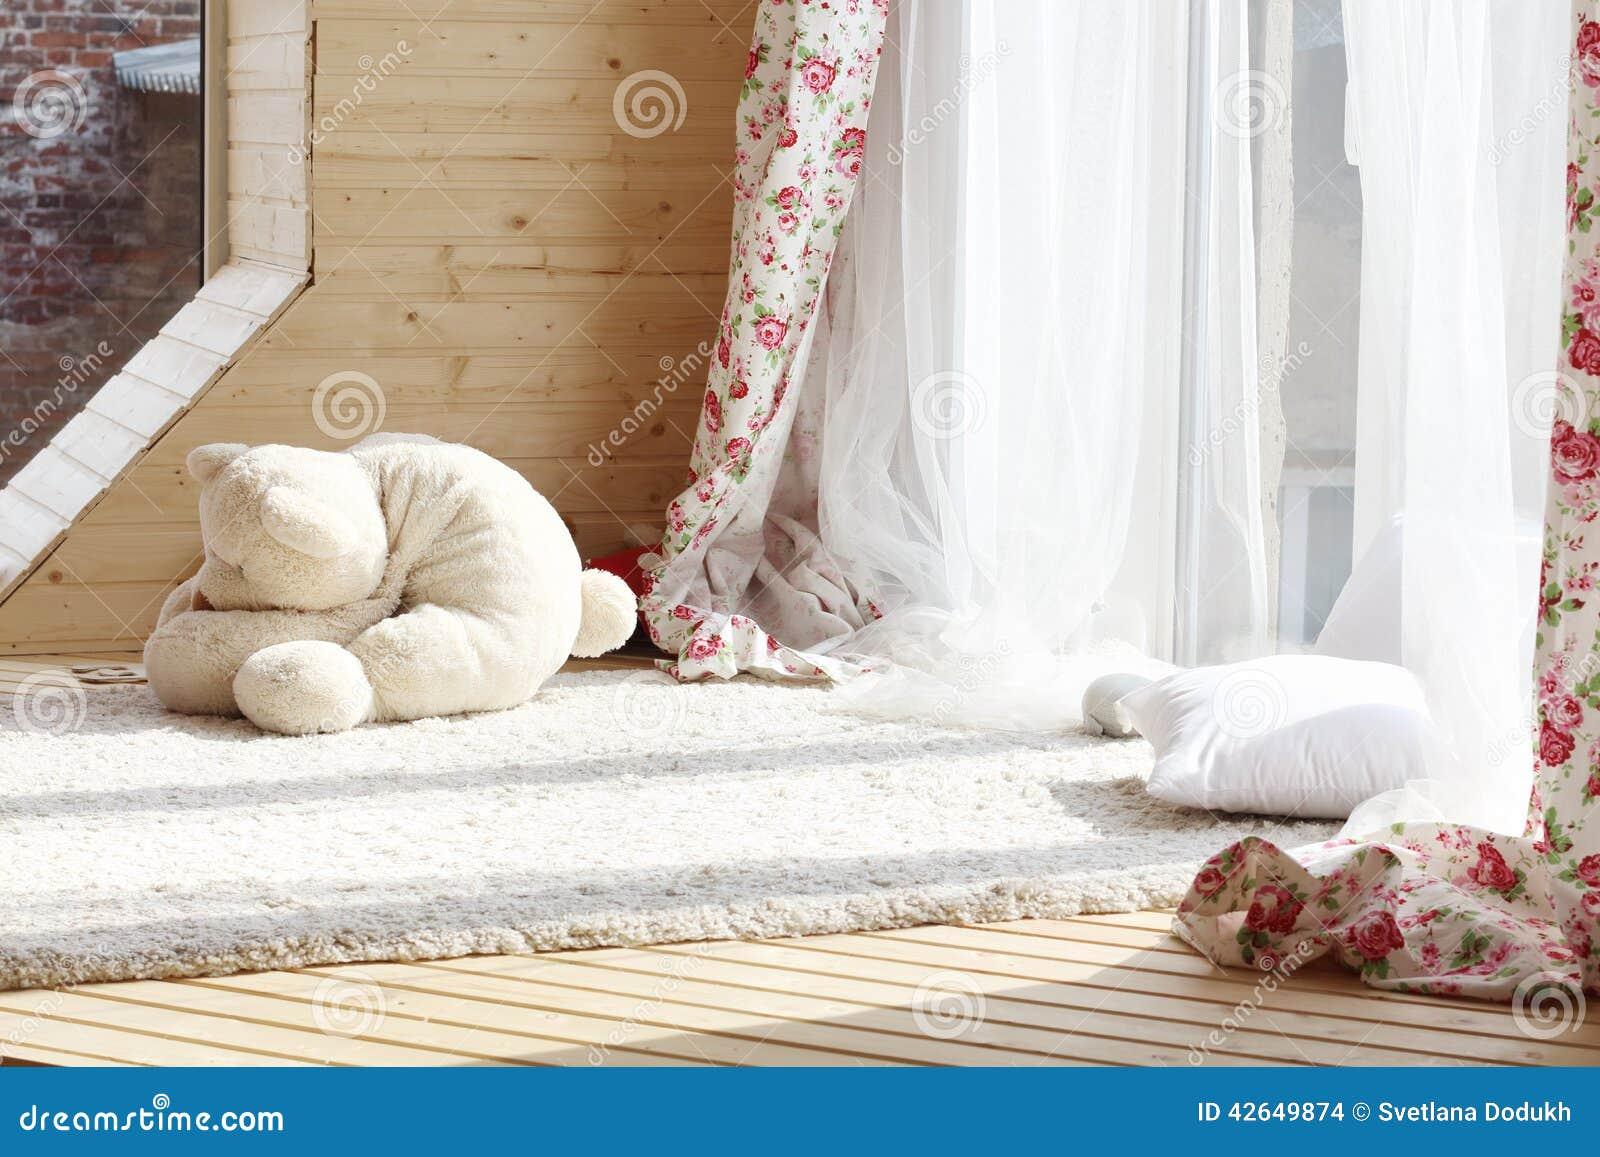 Luce solare dalle finestre con le tende bianche tappeto lanuginoso fotografia stock immagine - Finestre in legno bianche ...